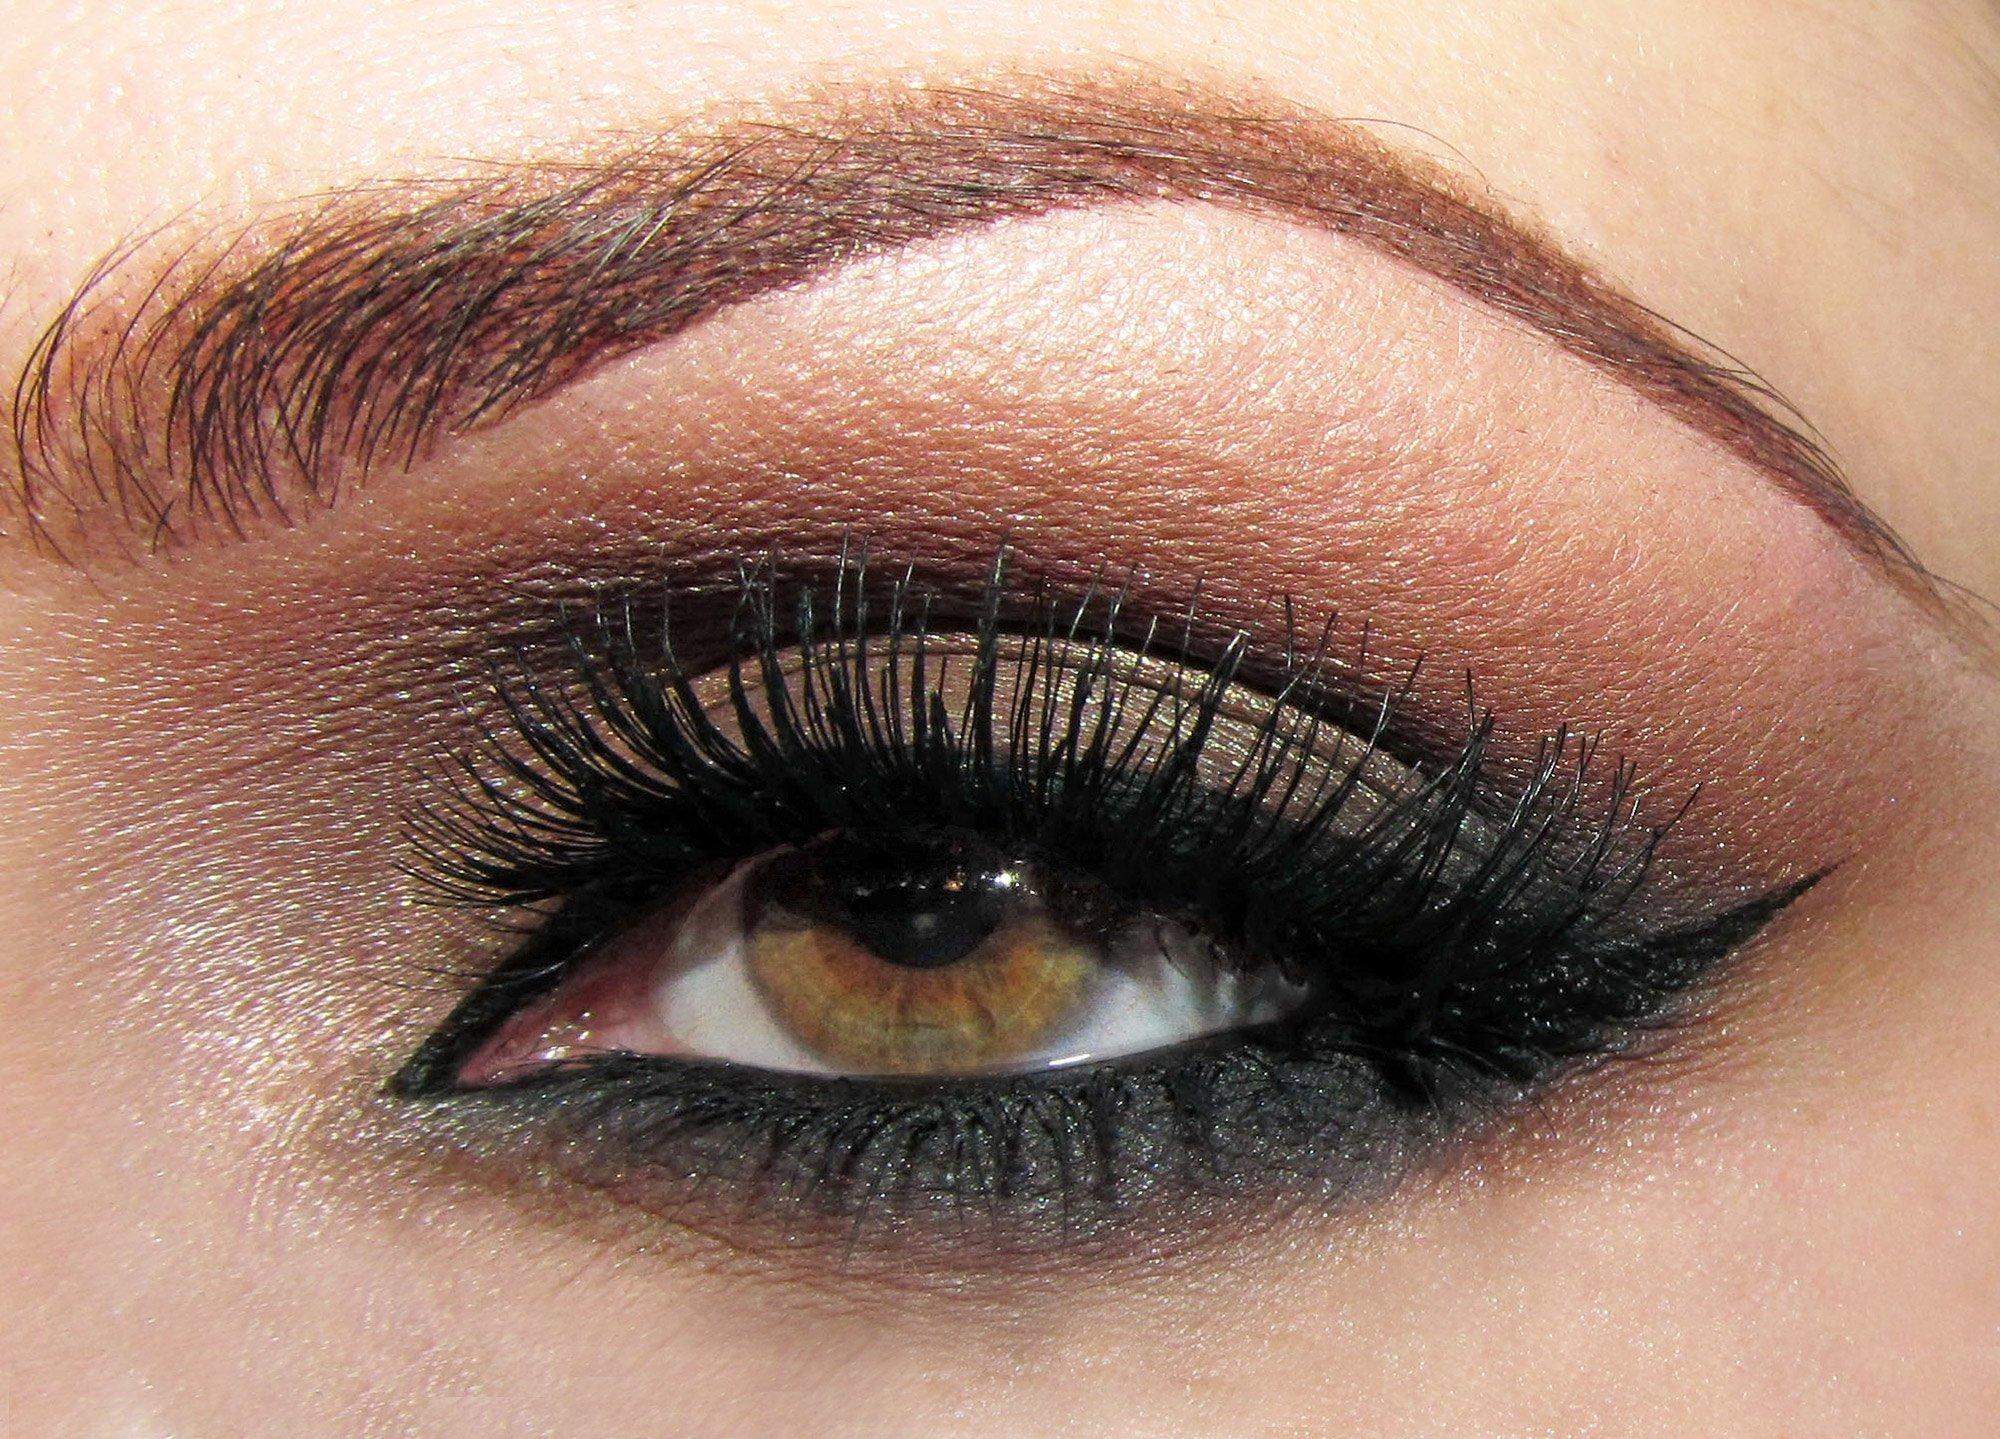 сегодня известно макияж смоки айс для зеленых глаз фото готовы пройти все